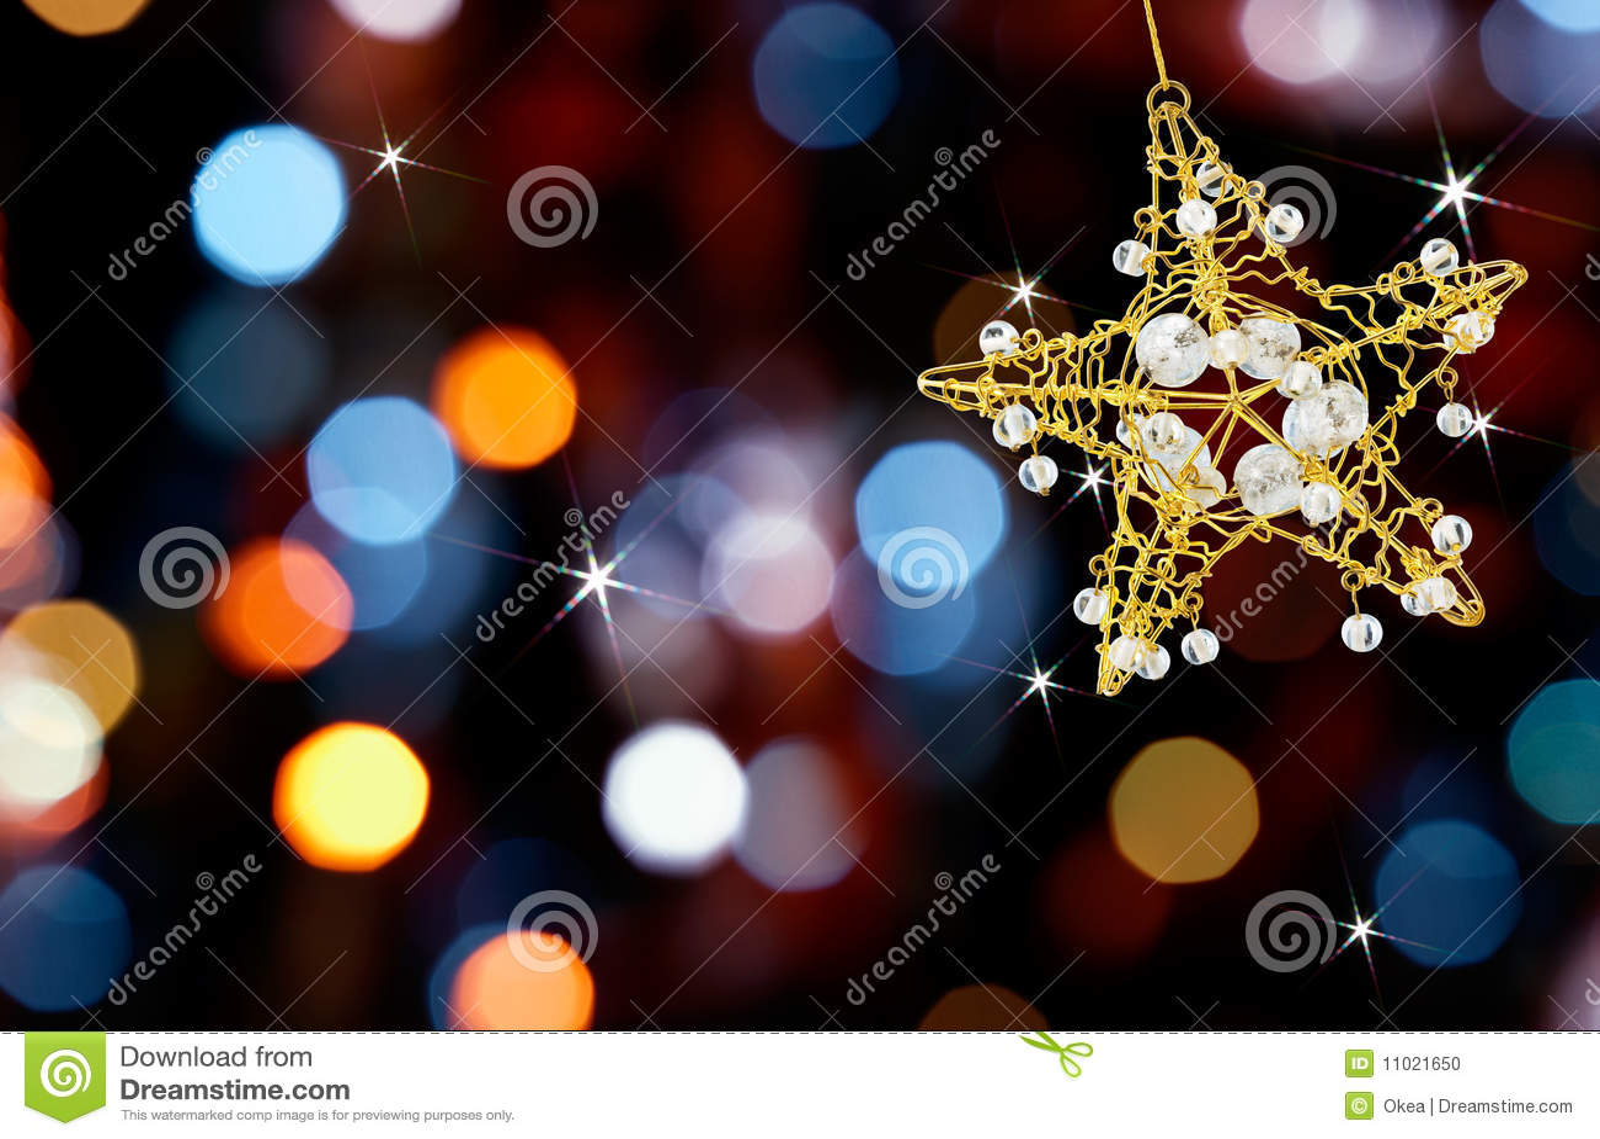 Weihnachtsstern mit Leuchten